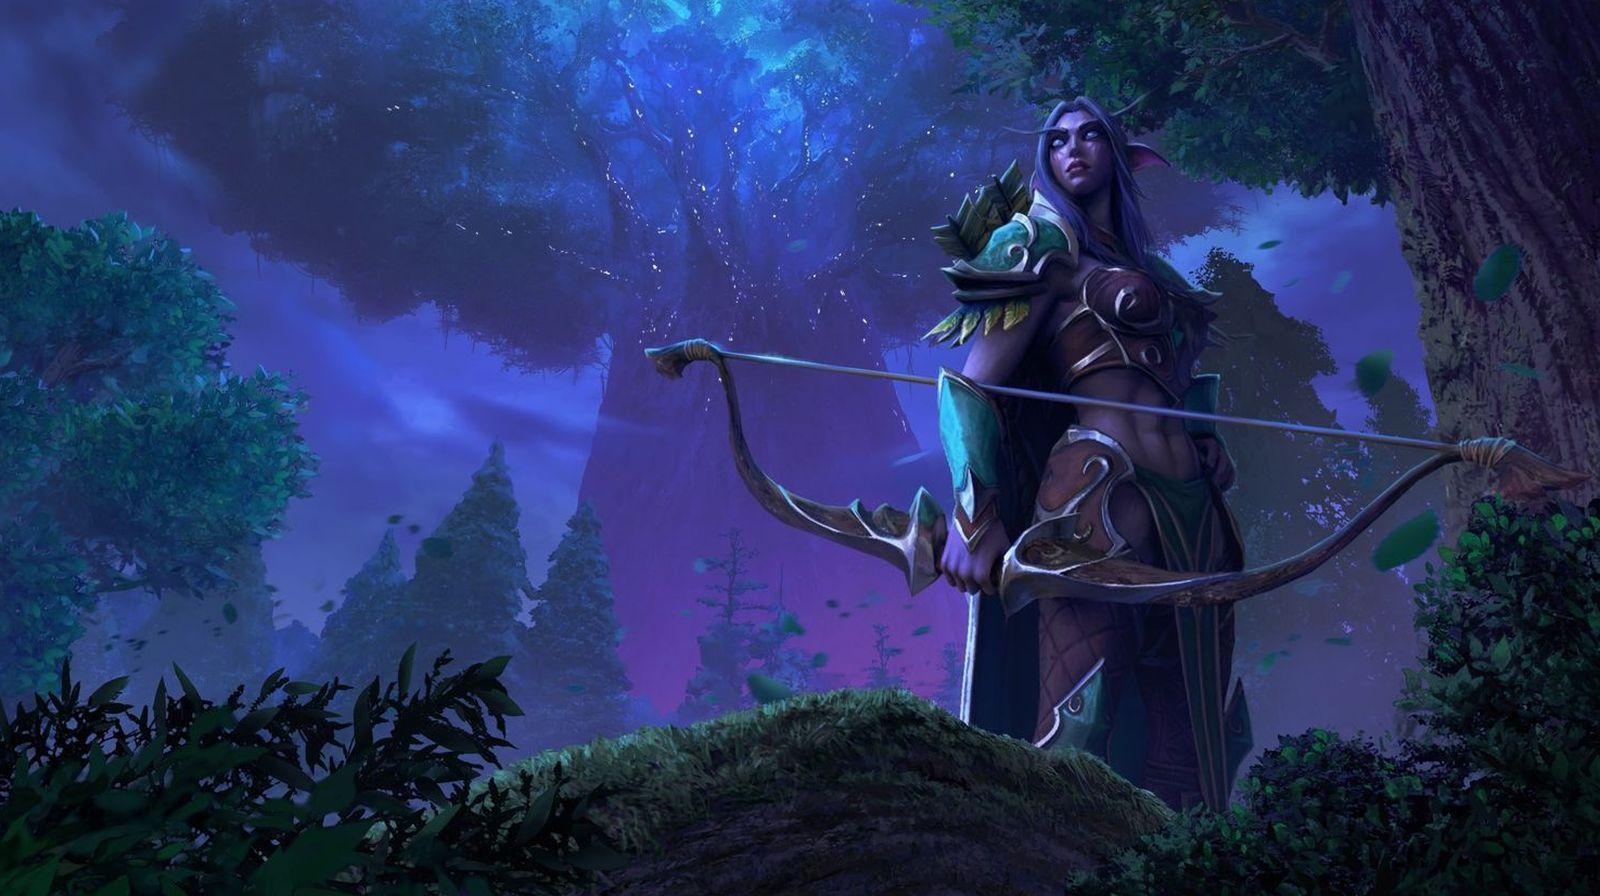 Глава Blizzard прокомментировал крайне плохой релизWarcraft 3: Reforged